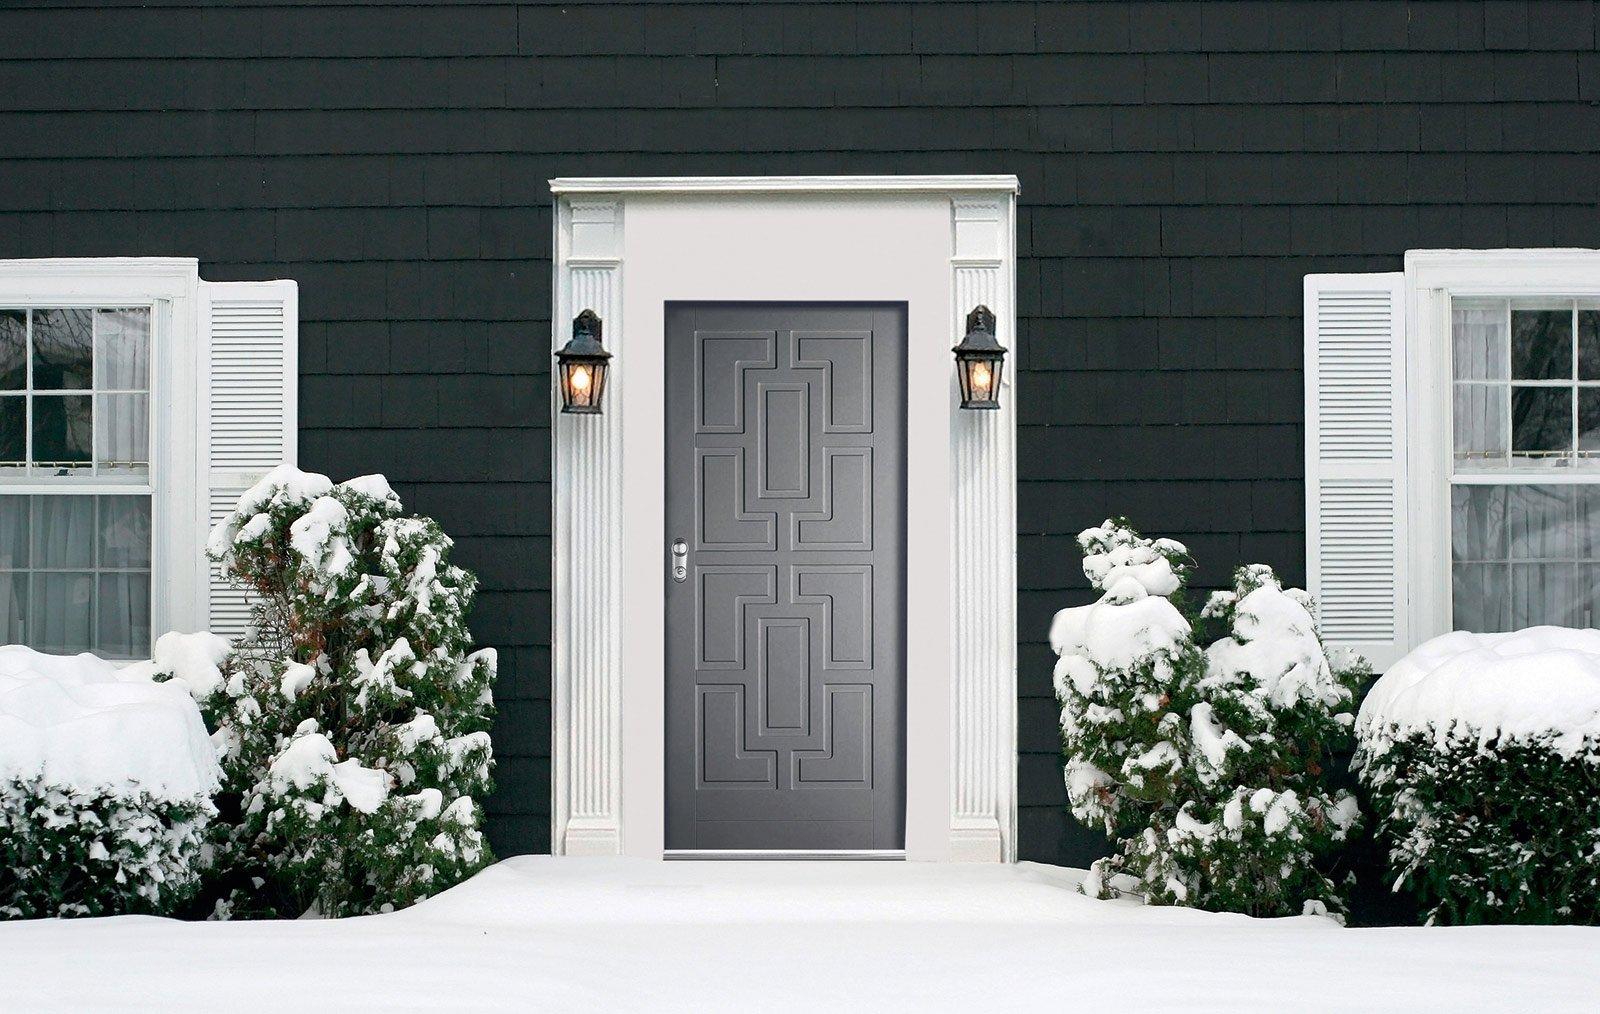 Esterno Casa Grigio: Casa moderna con la porta rossa e l esterno ...